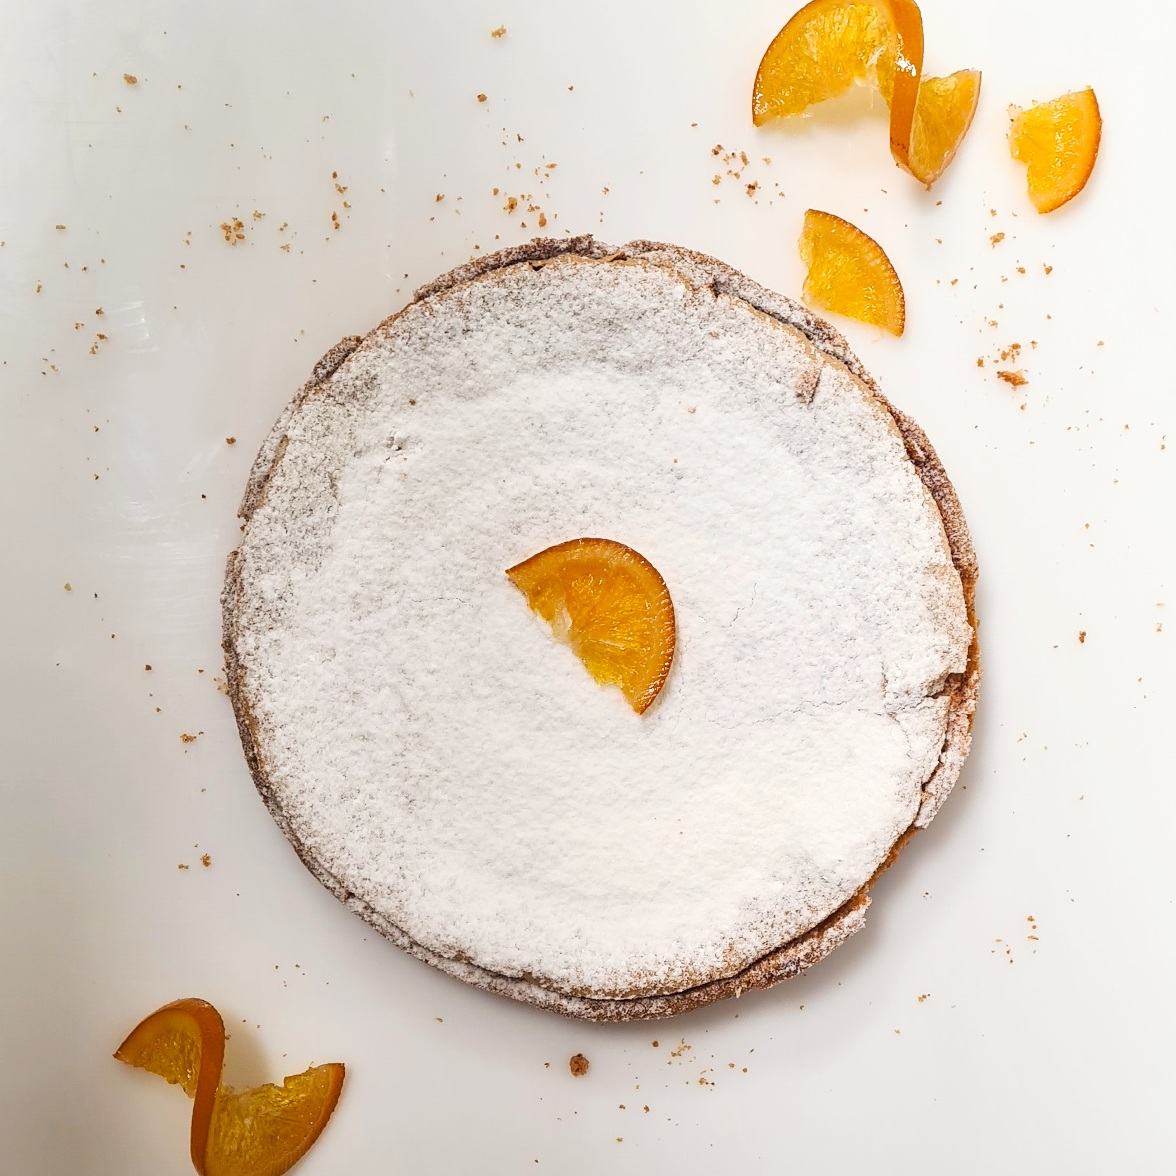 Pâte sucrée, abricot moelleux, orange confite, compote de pommes, soufflé amande 4 pers. 19,5 € 6 pers. 29 € 8 pers. 34 € 10 pers. ou plus, nous contacter